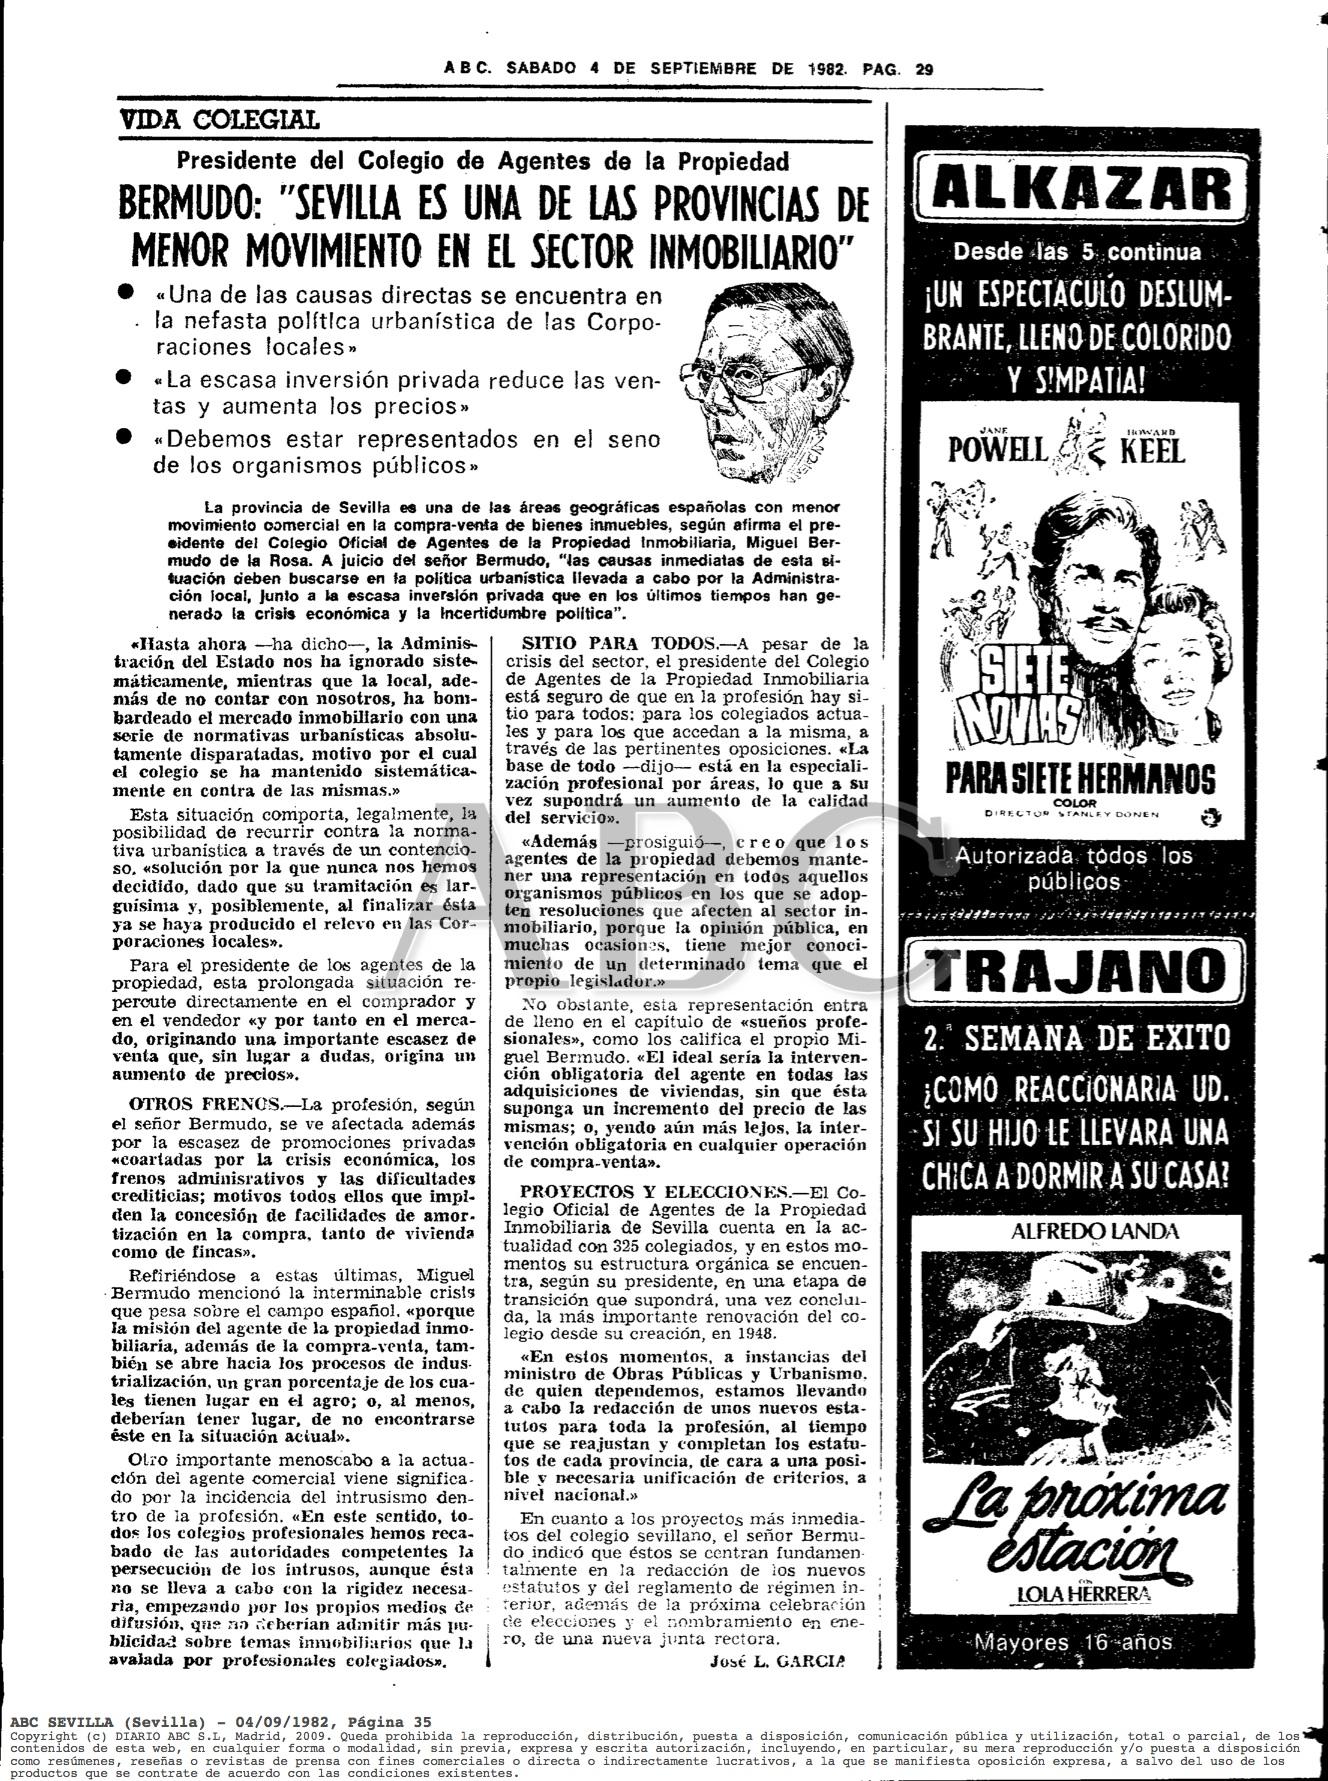 04 de Septiembre de 1982